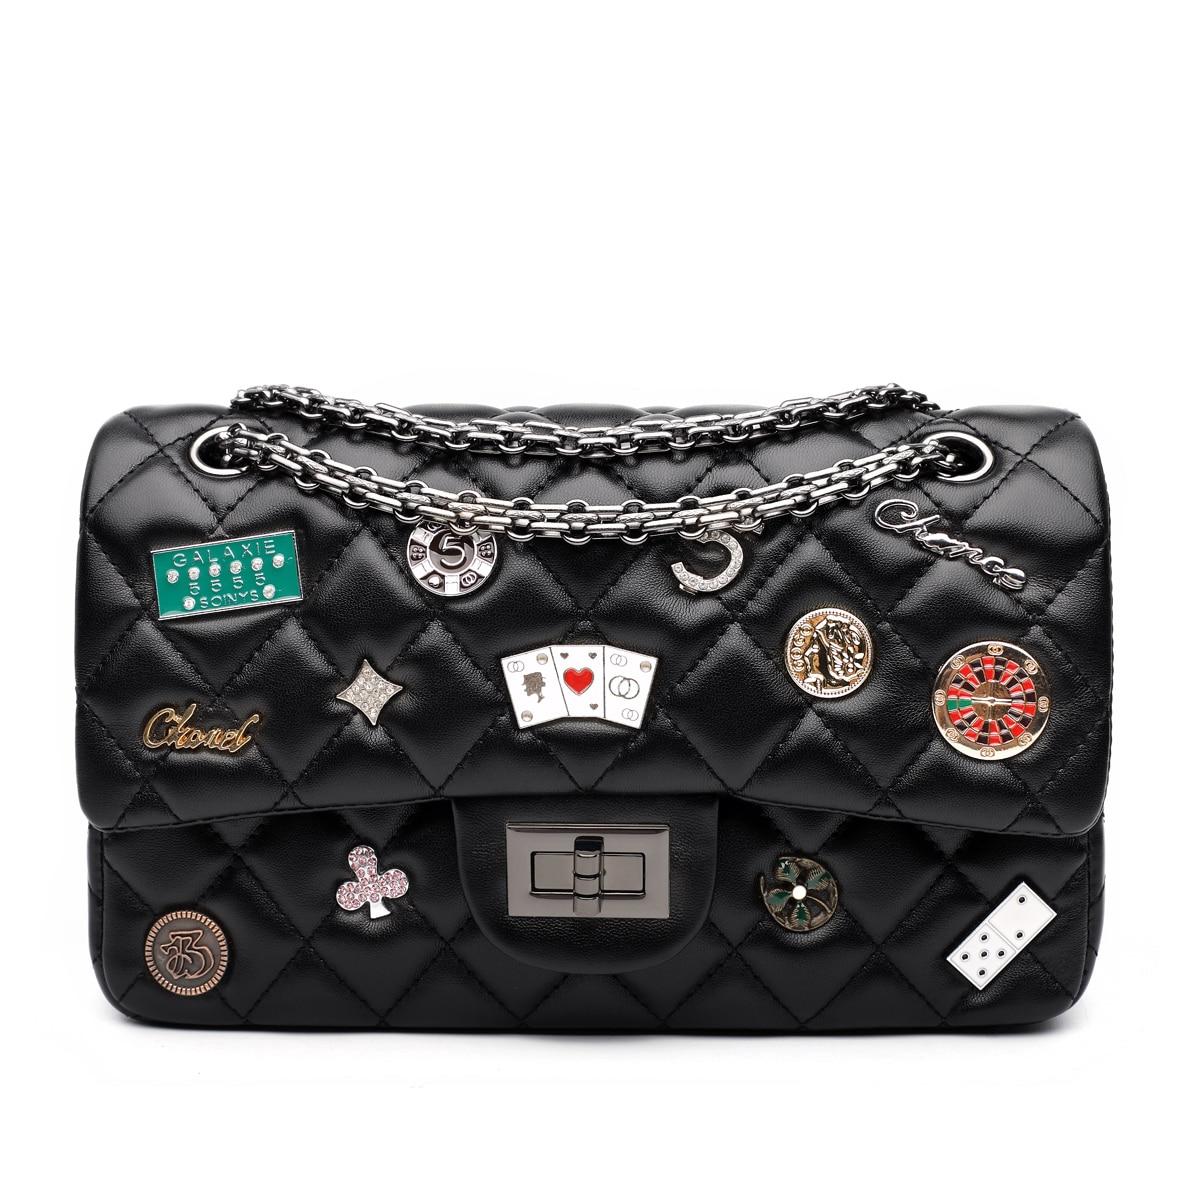 High Quality Small Ladies Messenger Bag Leather Shoulder Bags Women Crossbody Bag for Girl Brand Women Handbag Black White